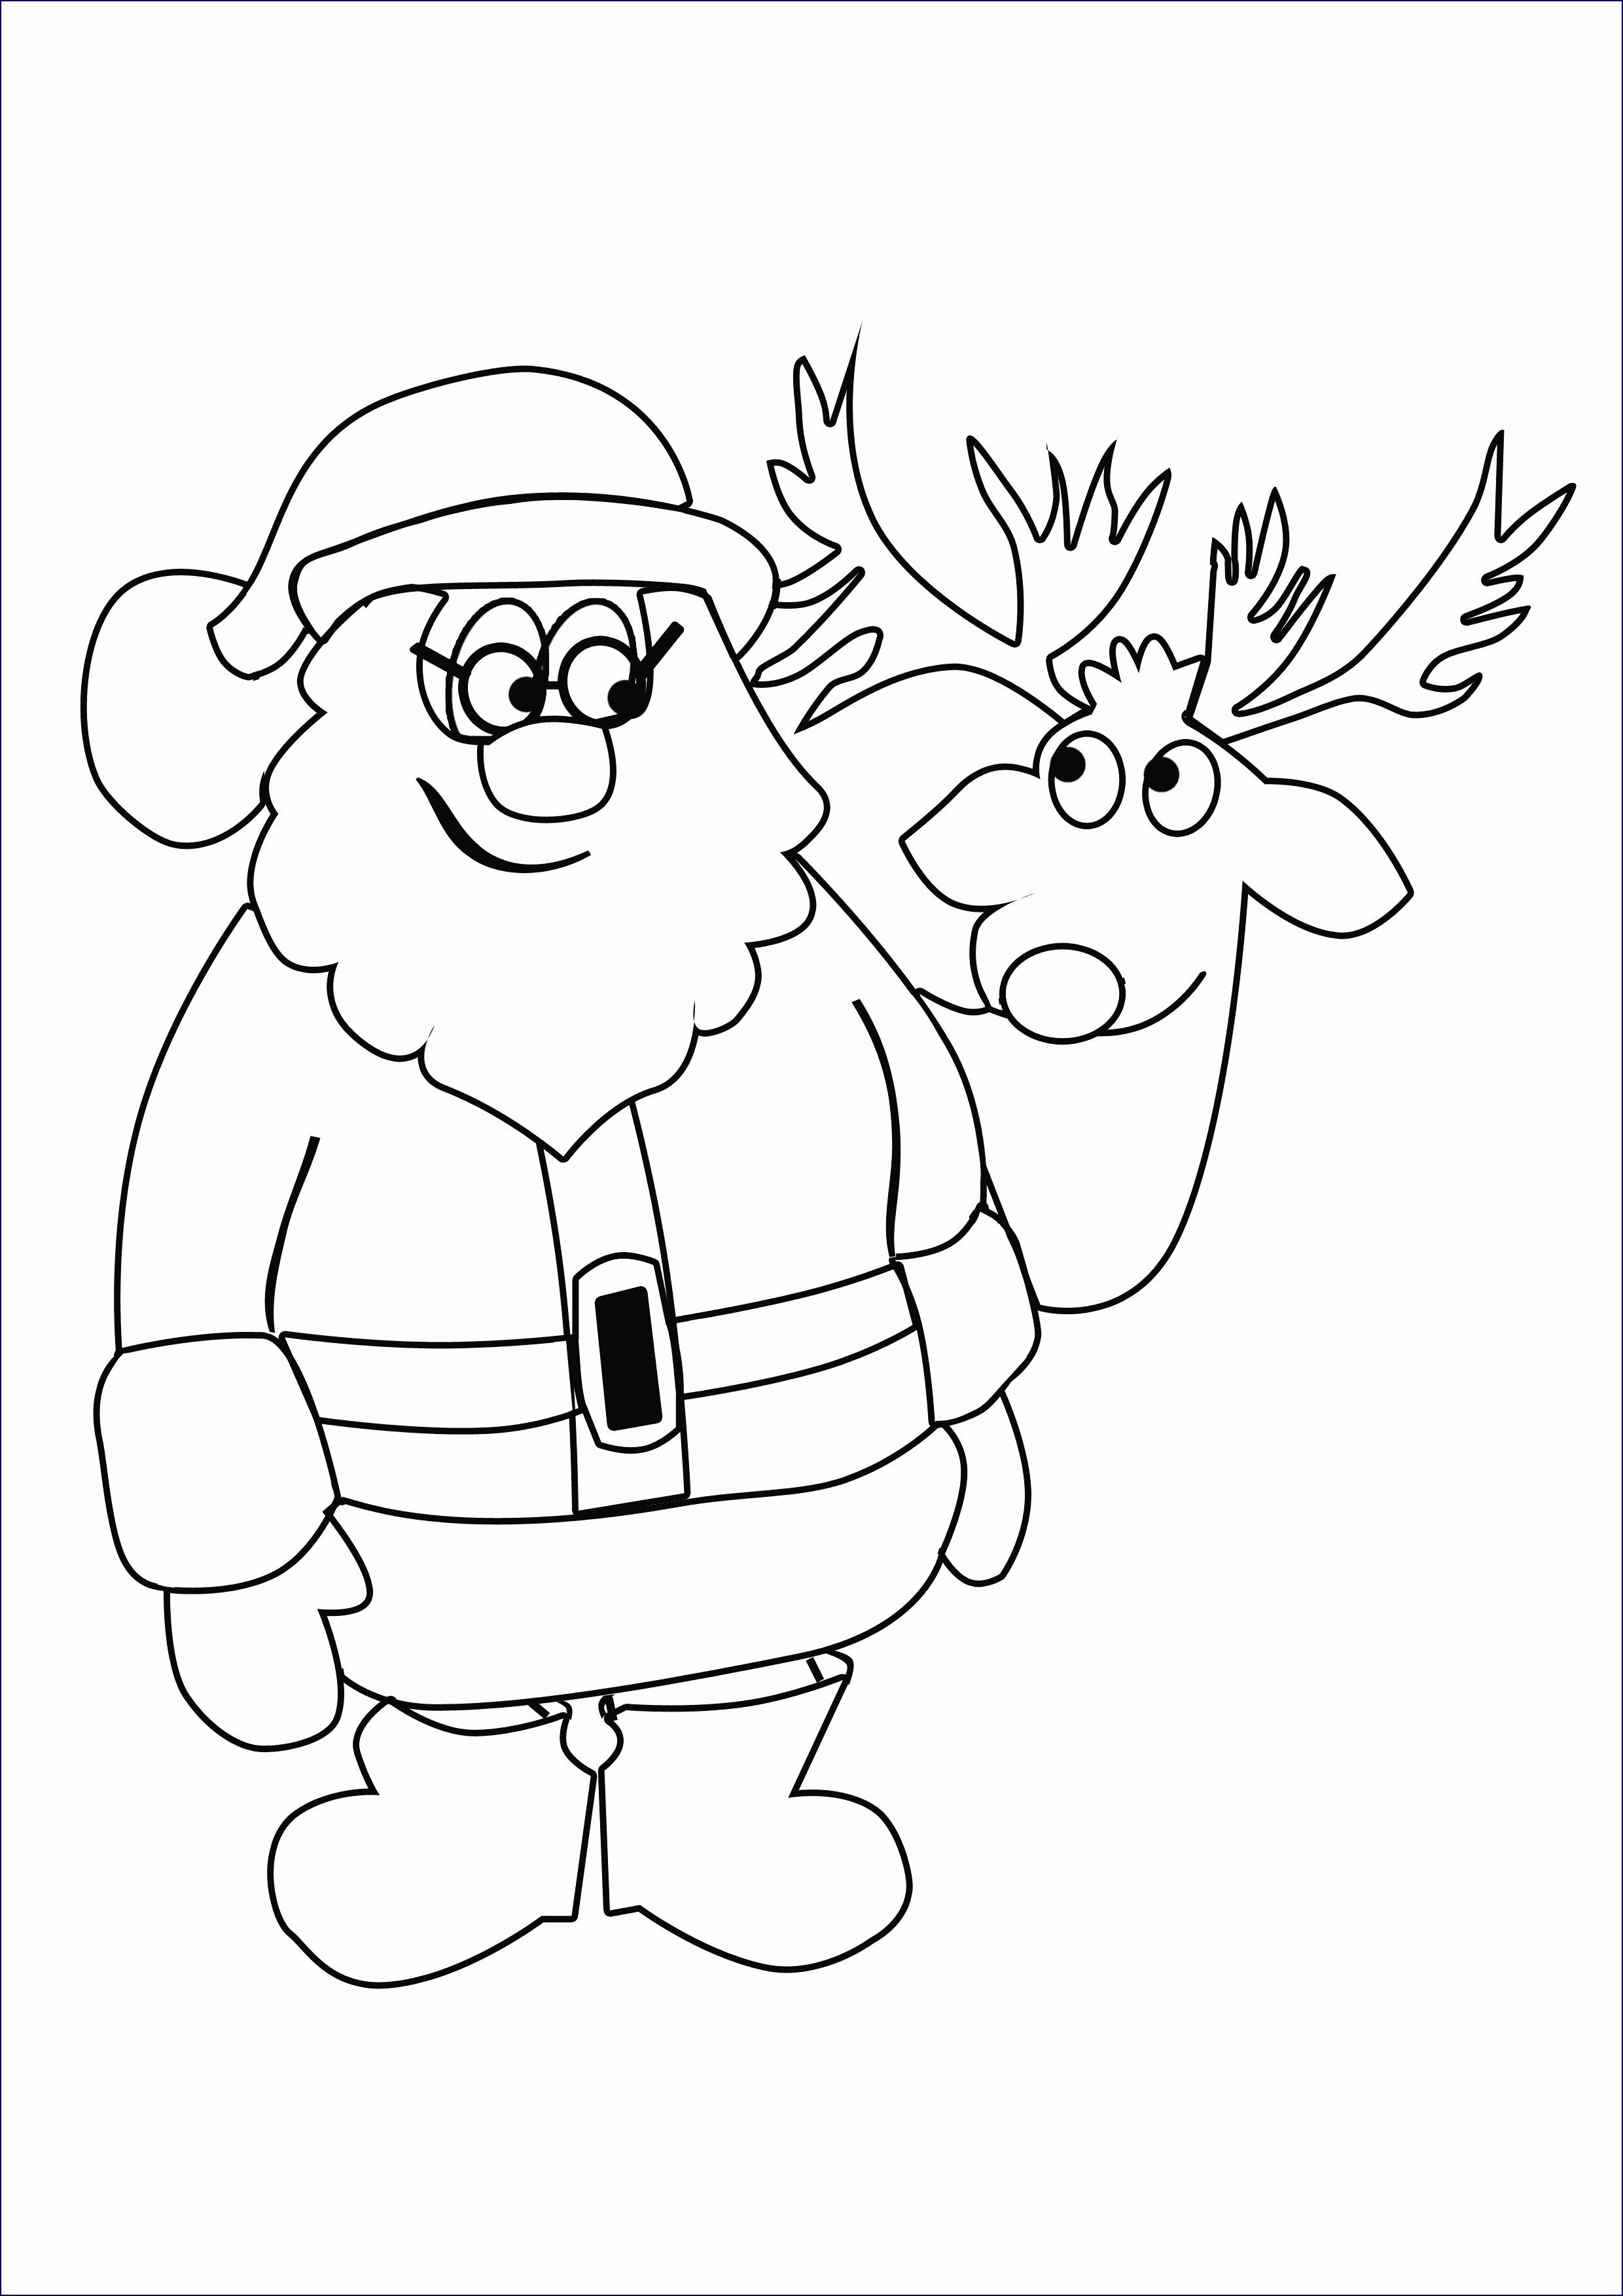 Stern Weihnachten Malvorlage Inspirierend Ausmalbilder Weihnachten Kostenlose Malvorlagen Luxus Malvorlagen Bild